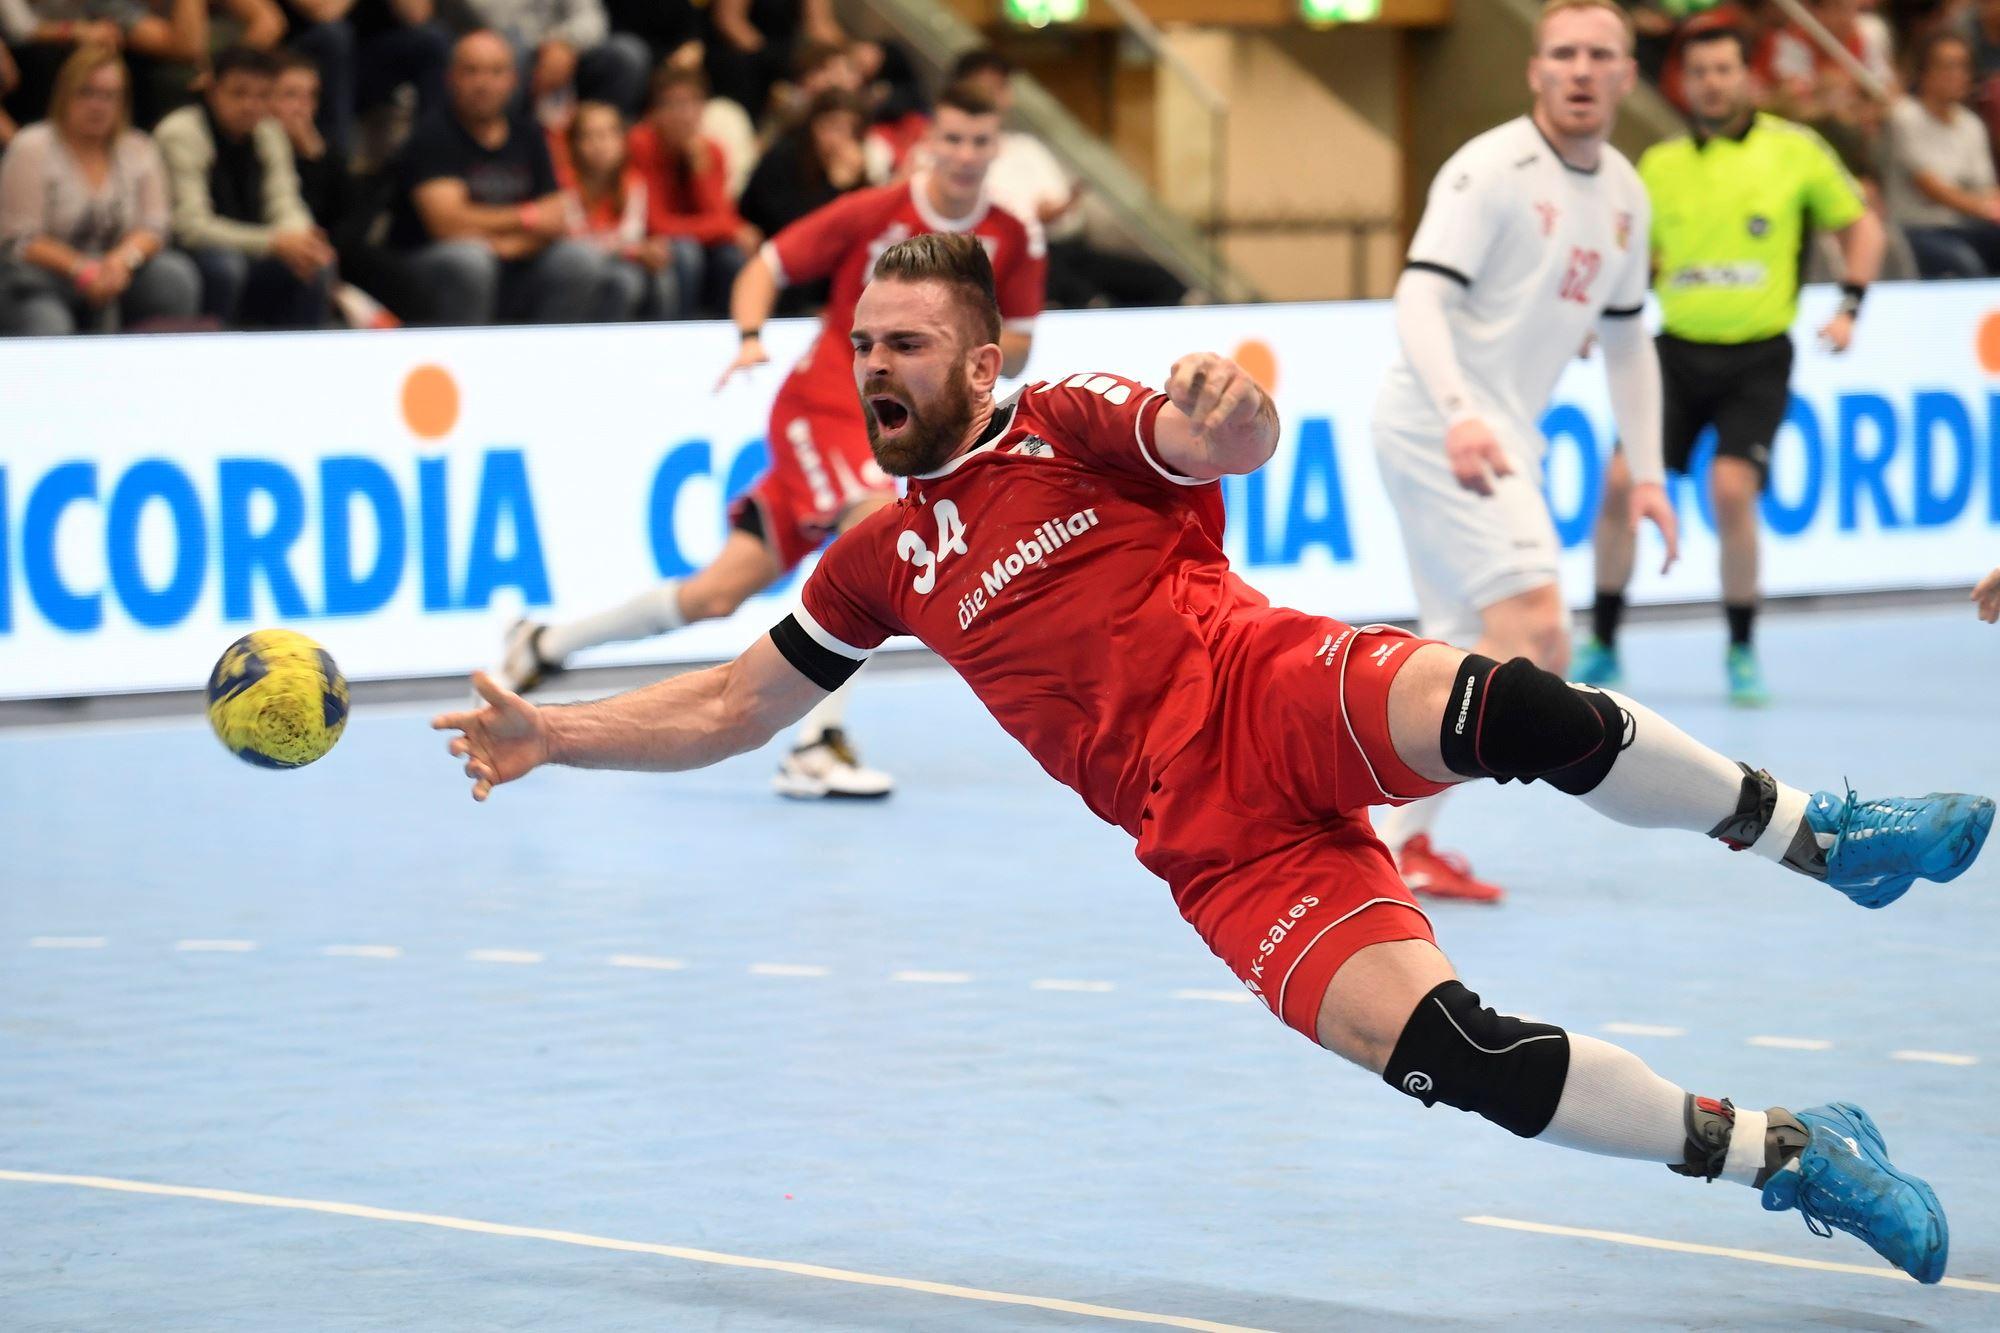 Die Schweiz gewinnt den ersten Test gegen Tschechien in Aarau überraschend deutlich